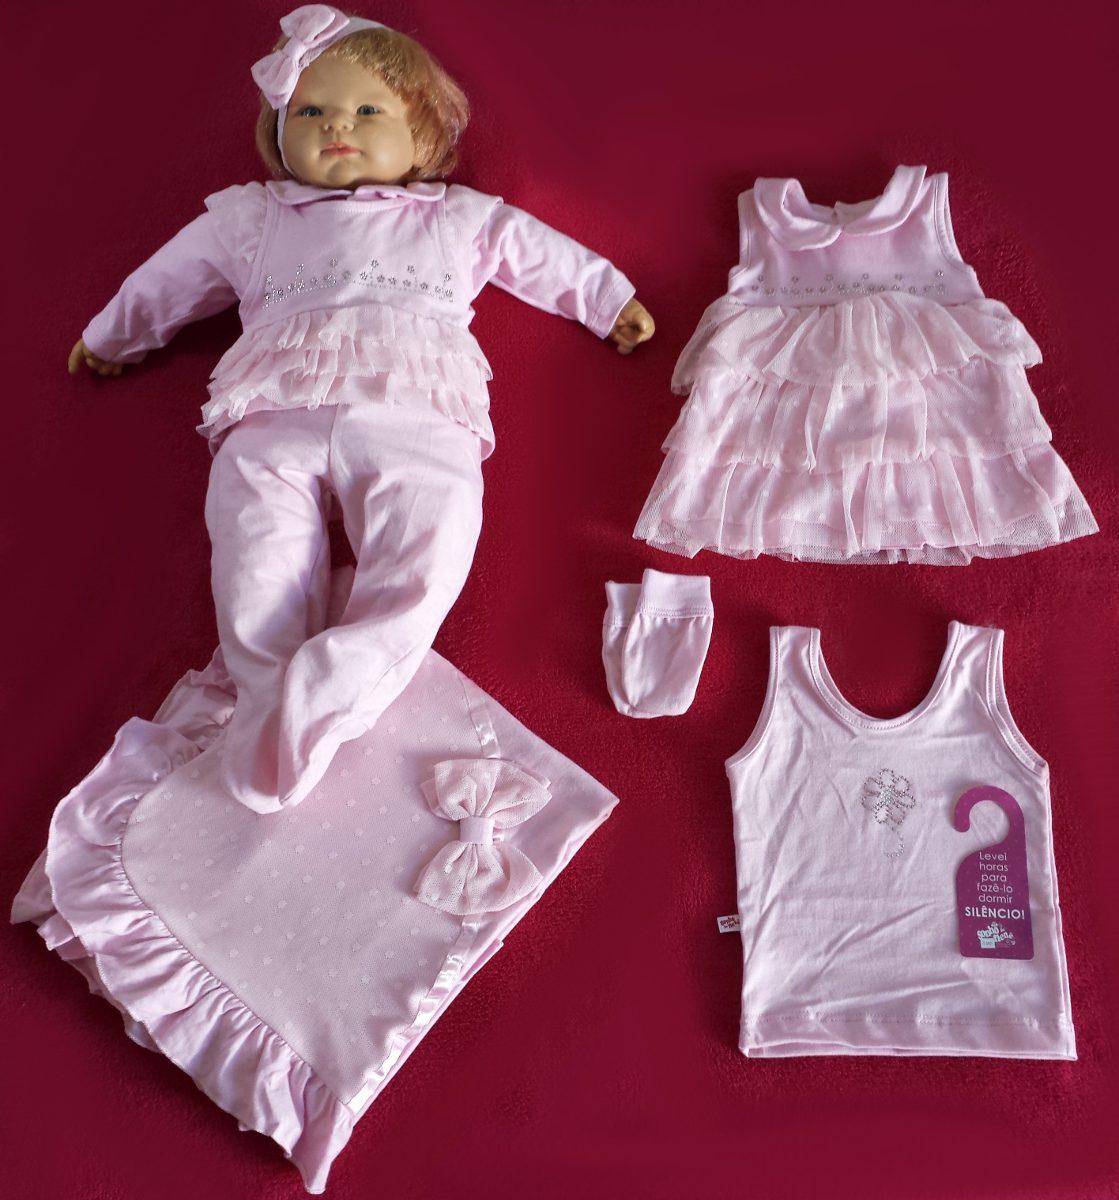 59d759995e2f4 kit saída maternidade menina sonho de nenê vermelho rosa. Carregando zoom.